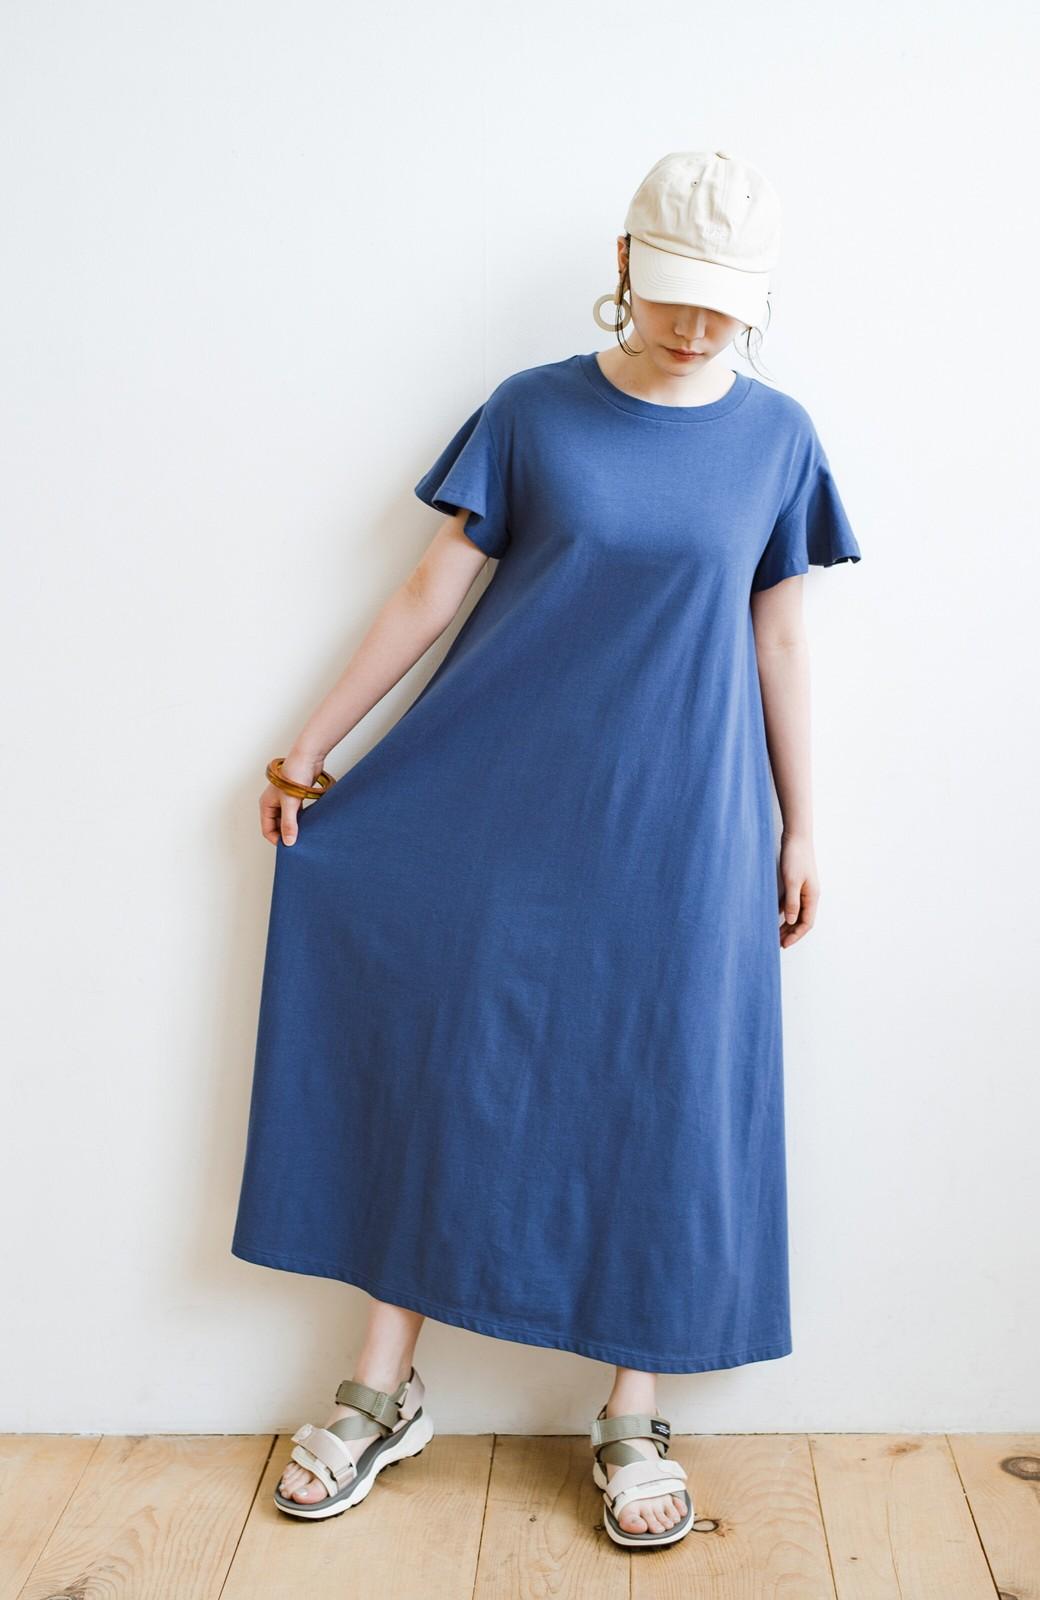 haco! 1枚で完璧シルエット!ひらりと揺れる袖がかわいい楽ちんカットソーワンピース <ブルー>の商品写真10